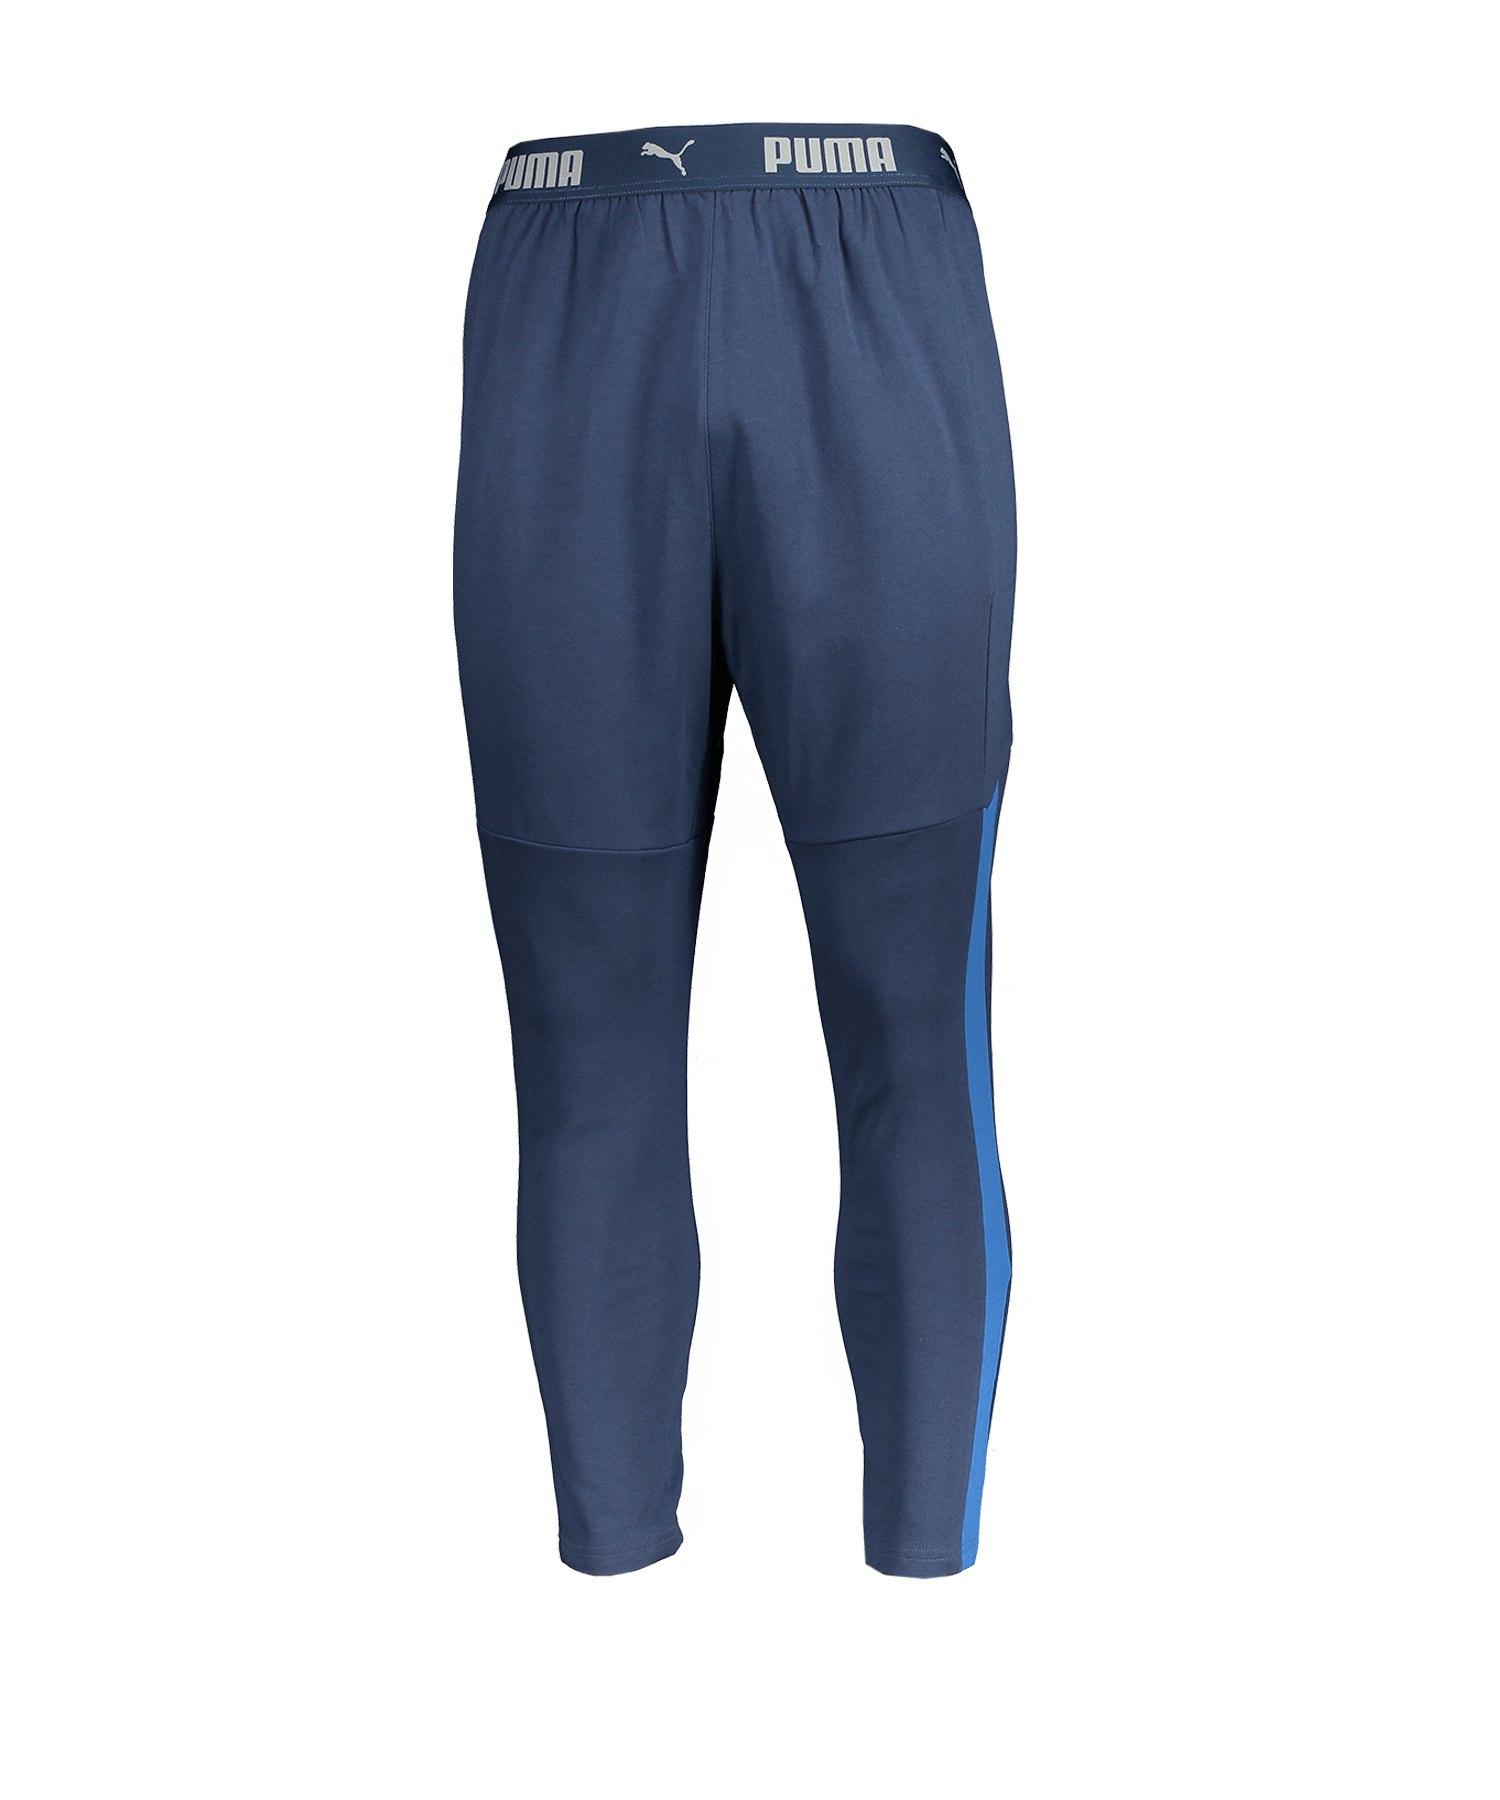 PUMA PUMA ftblNXT Casual Pant Jogginghose Blau F04 - blau